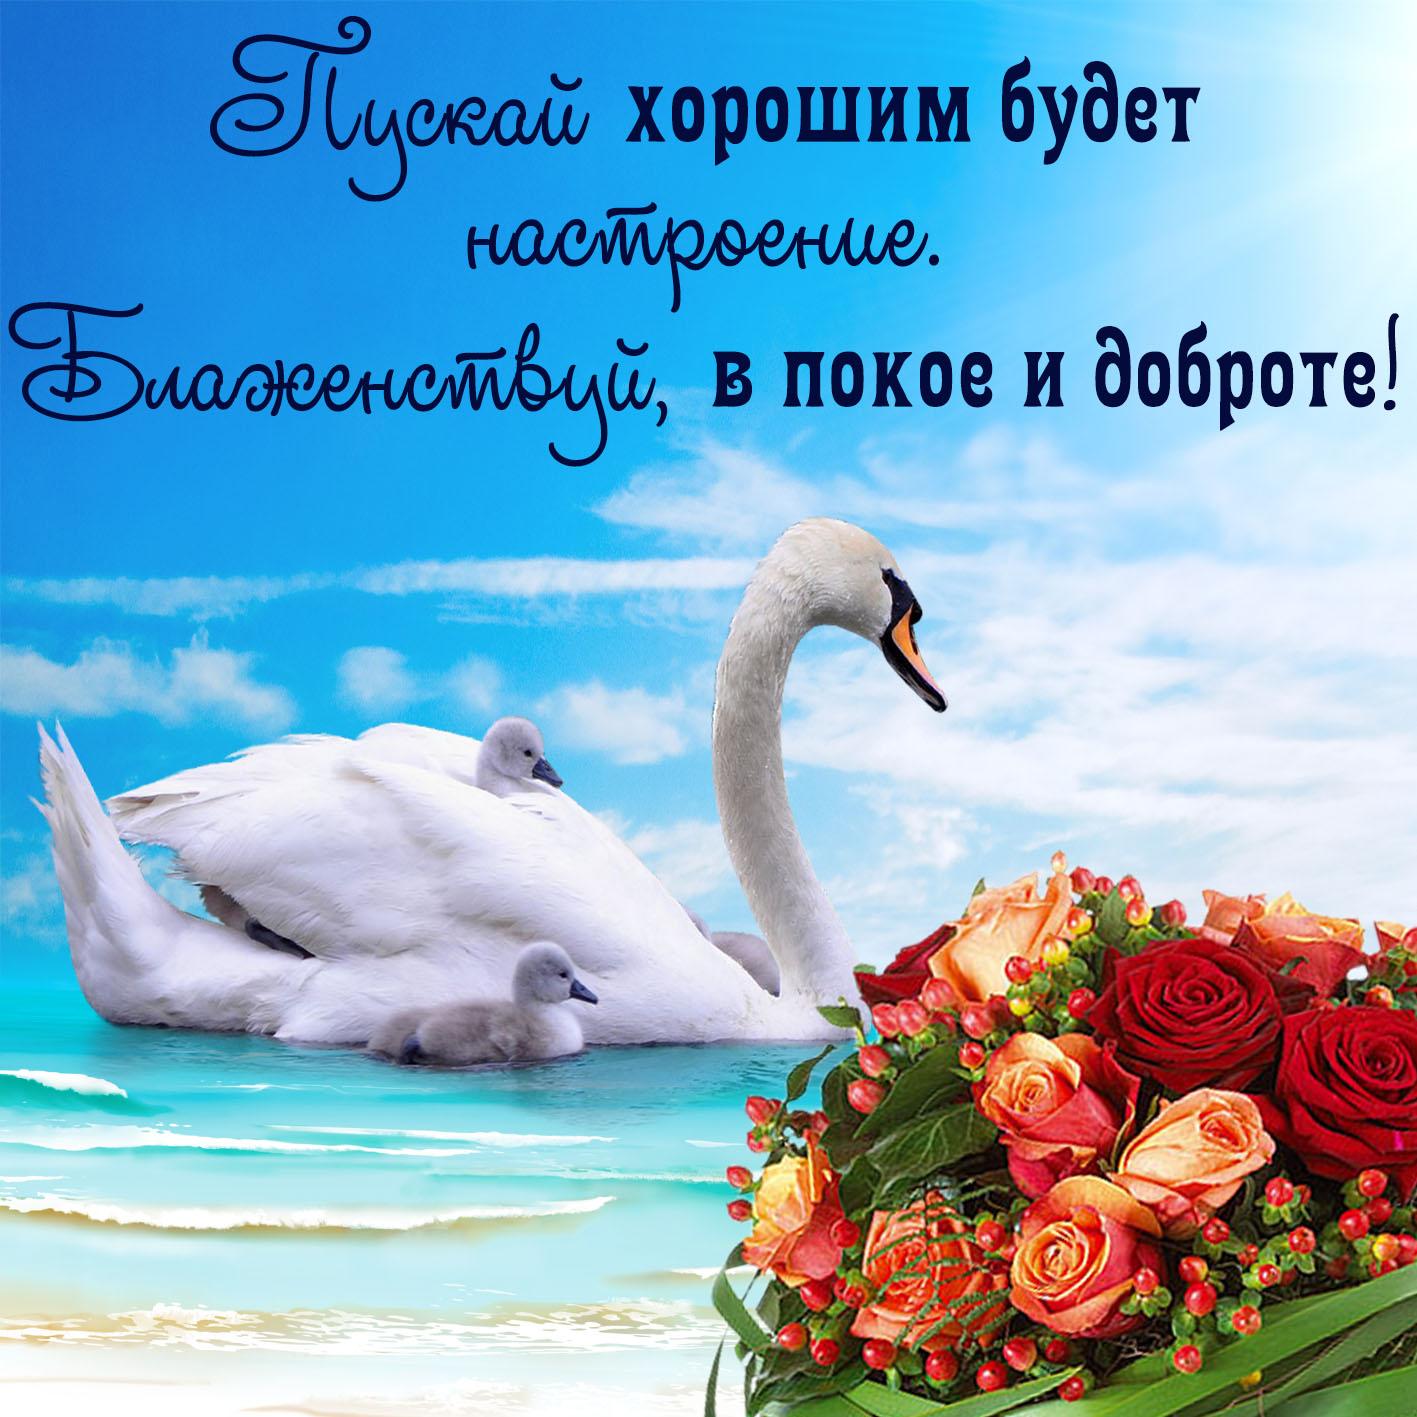 Открытка хорошего настроения - букет цветов и красивый лебедь на воде